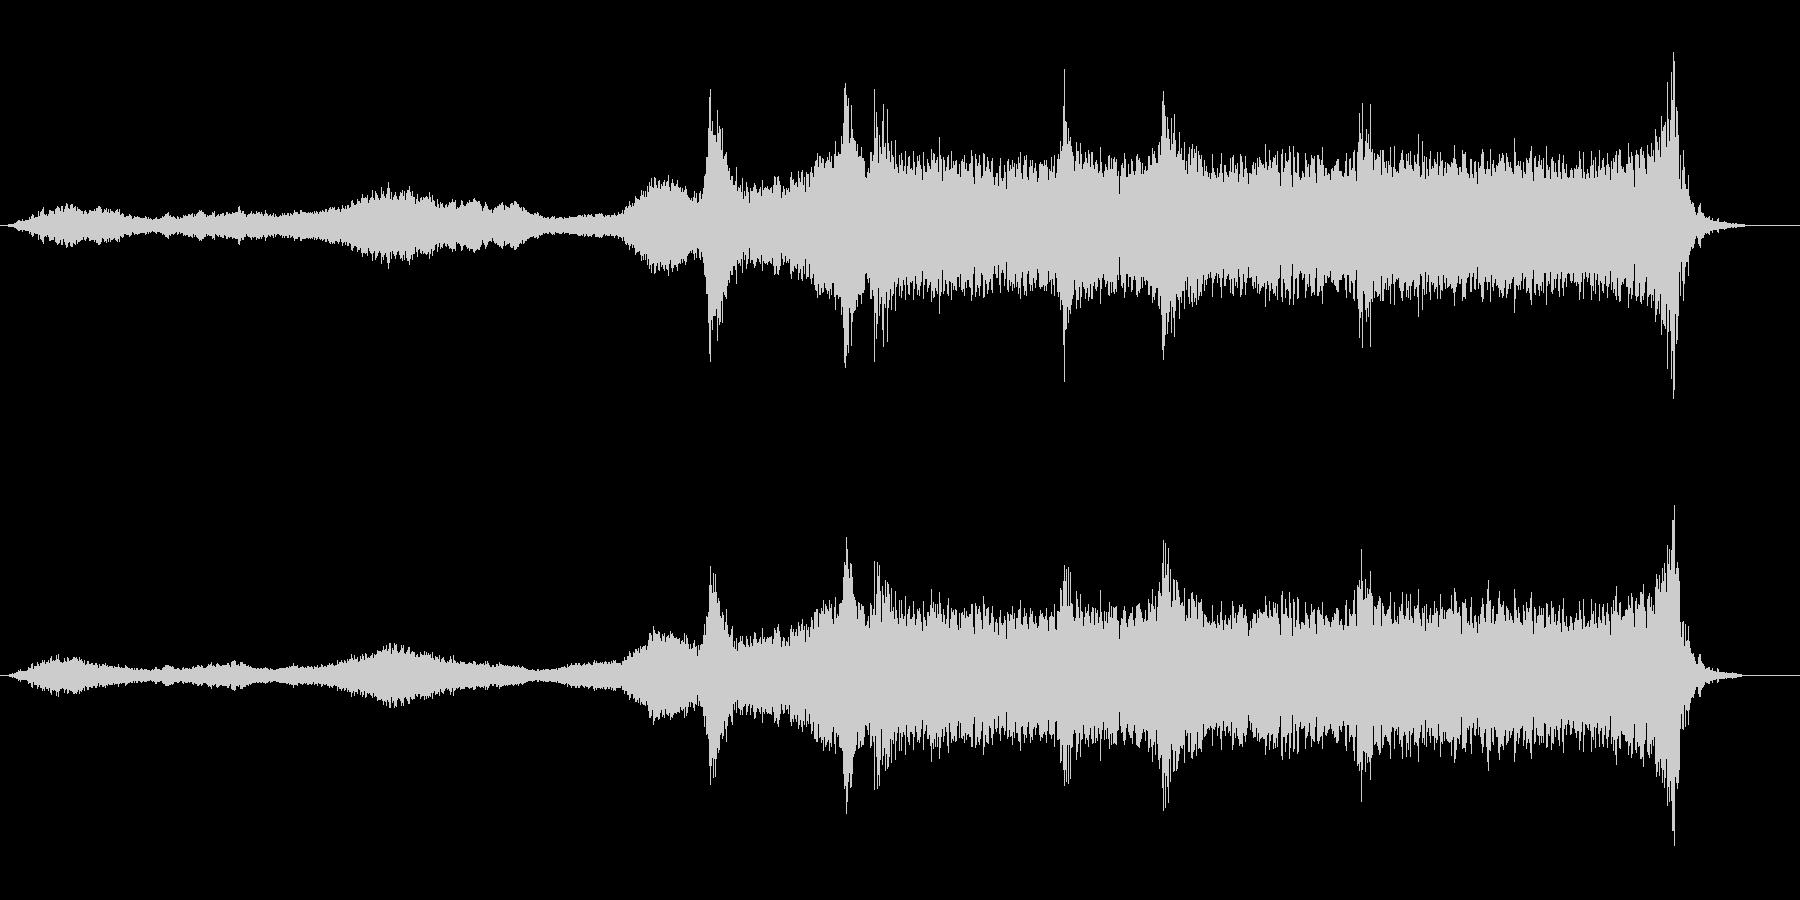 事件現場や潜入中に合いそうなBGMの未再生の波形